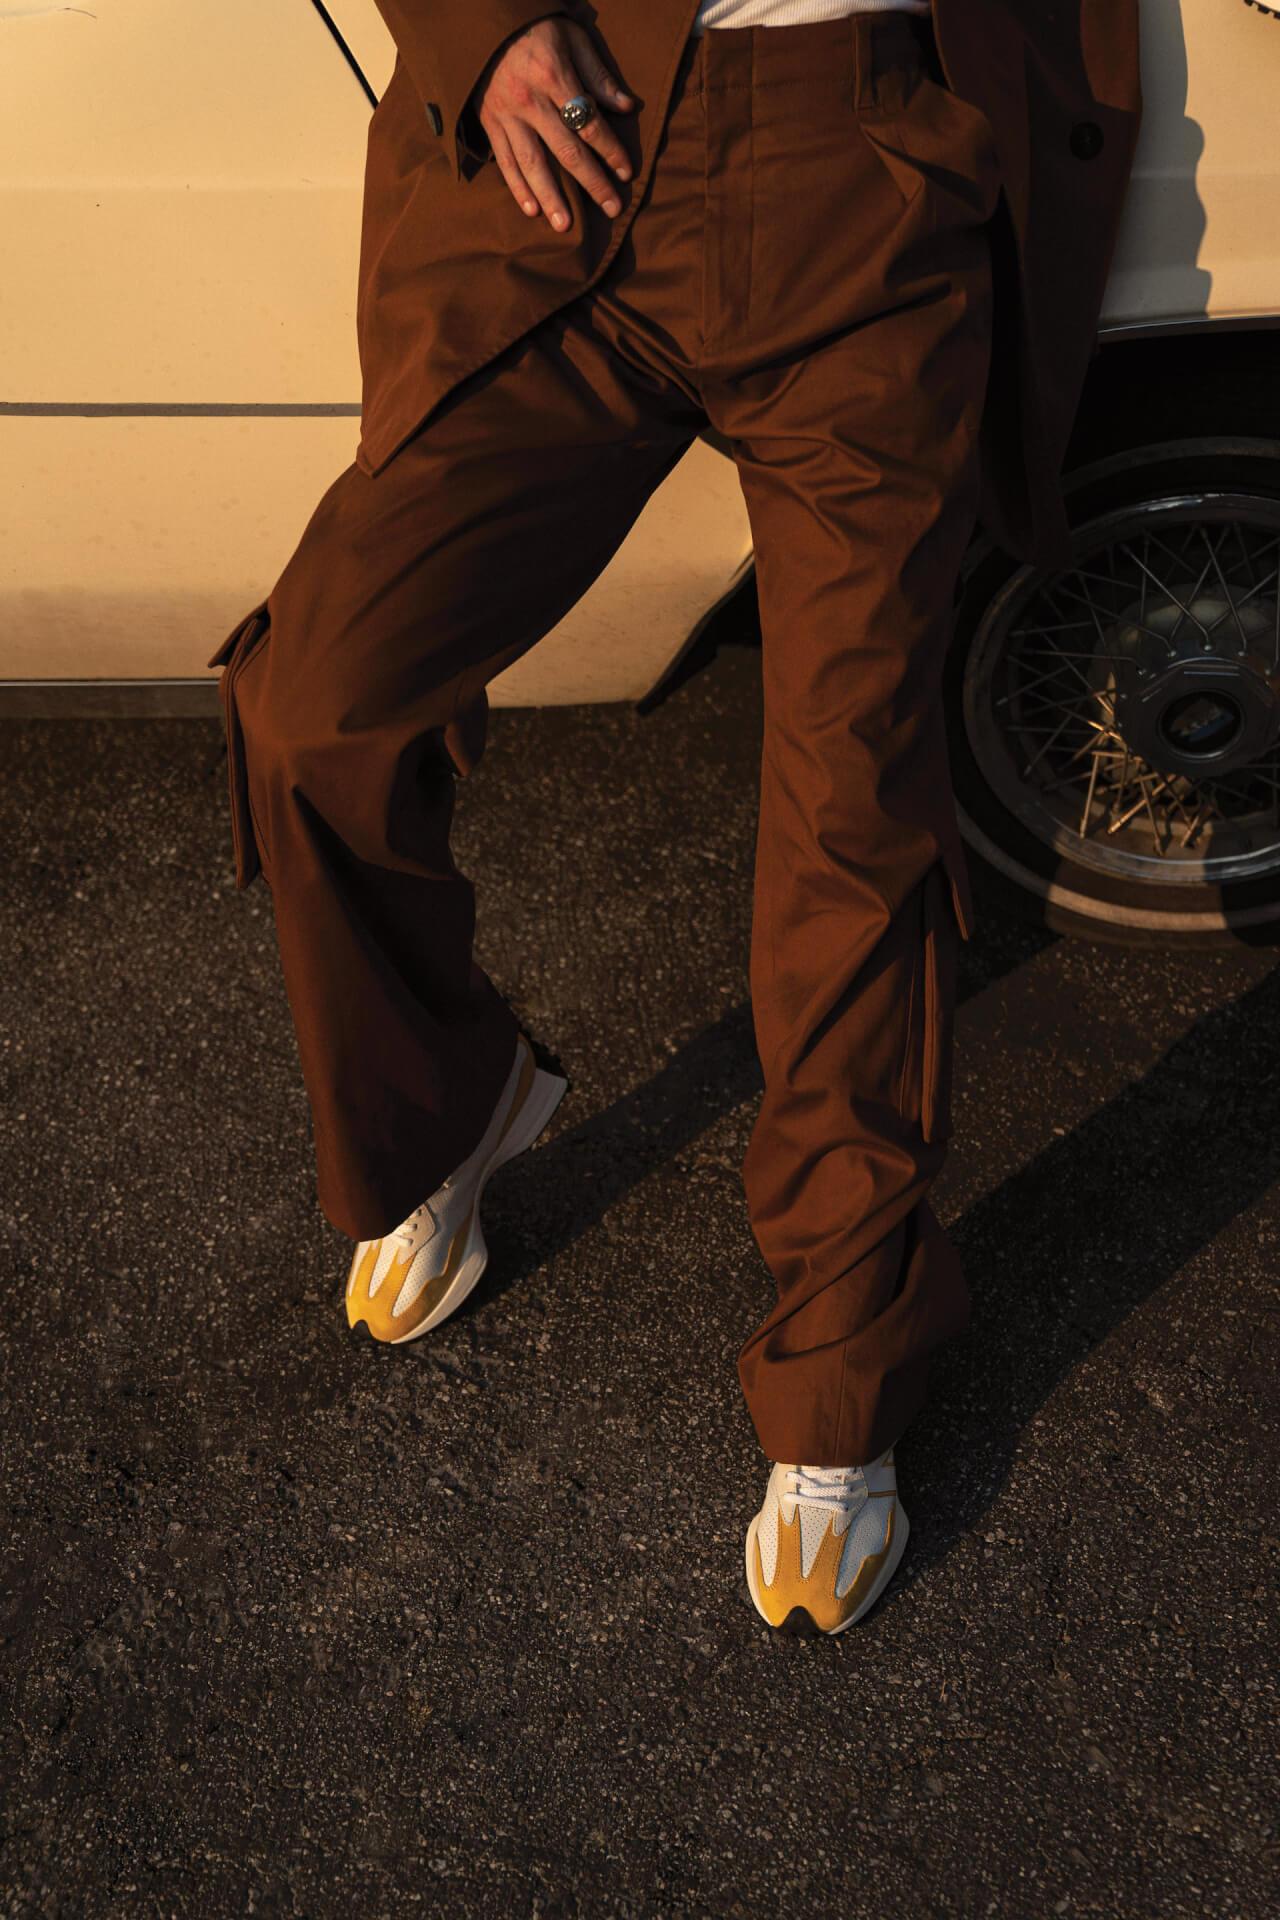 ニューバランスの人気モデル「327」に新色『327 primary pack』が登場!キャンペーンビジュアルにはハリー・ハドソンを起用 fashion20128_newbalance_327primarypack_16